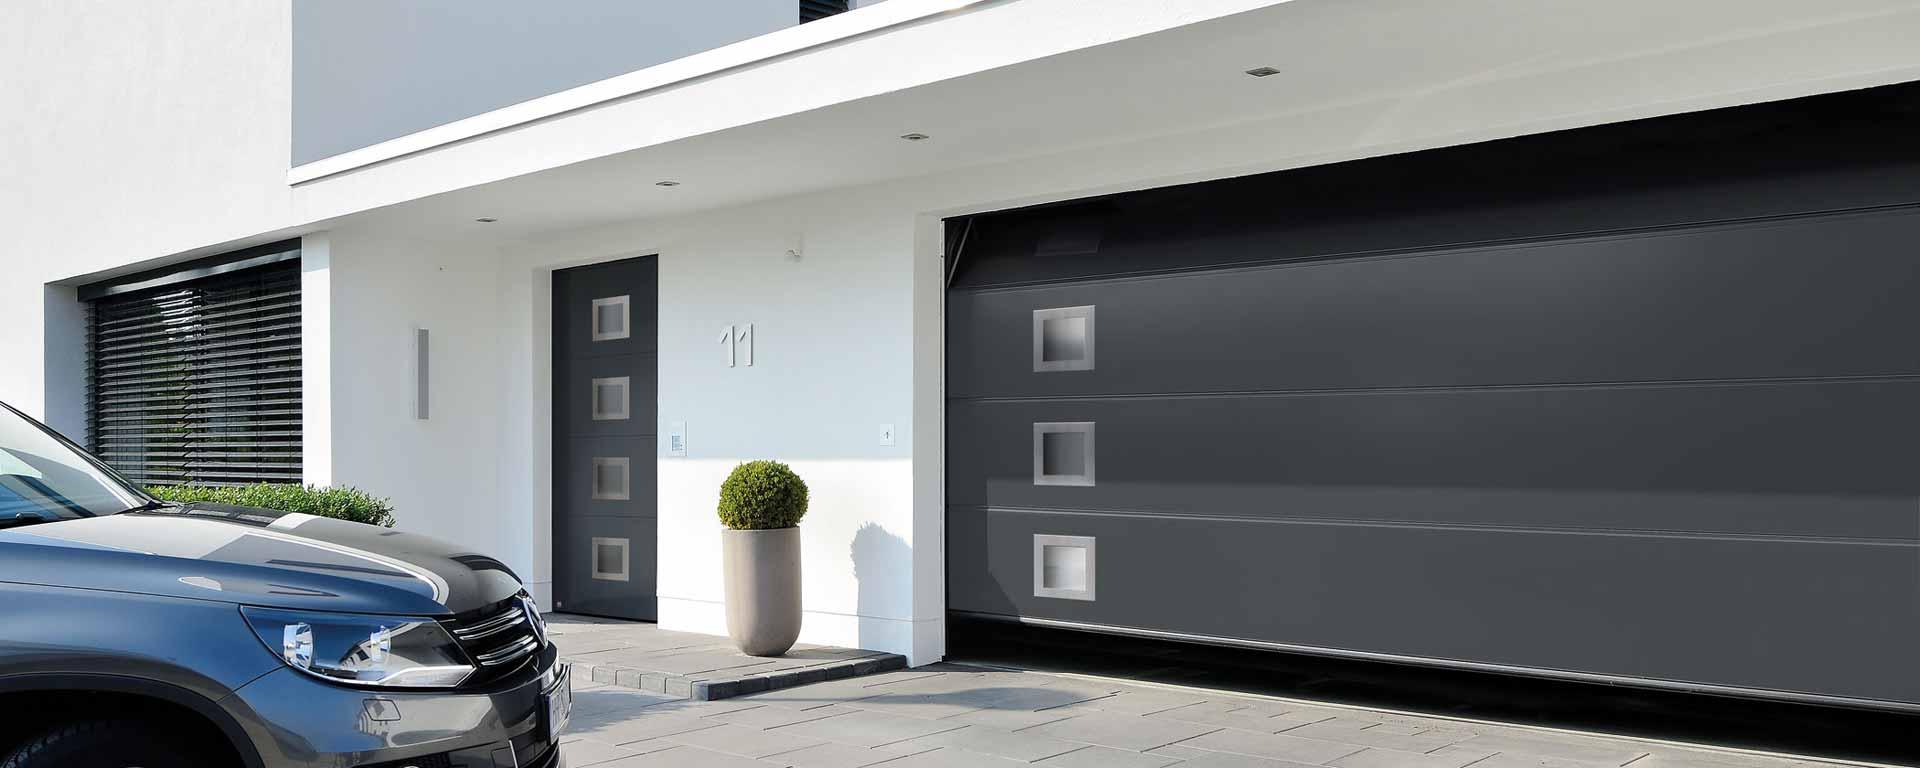 bramy-garazowe-wedlug-standardu-wt-2021